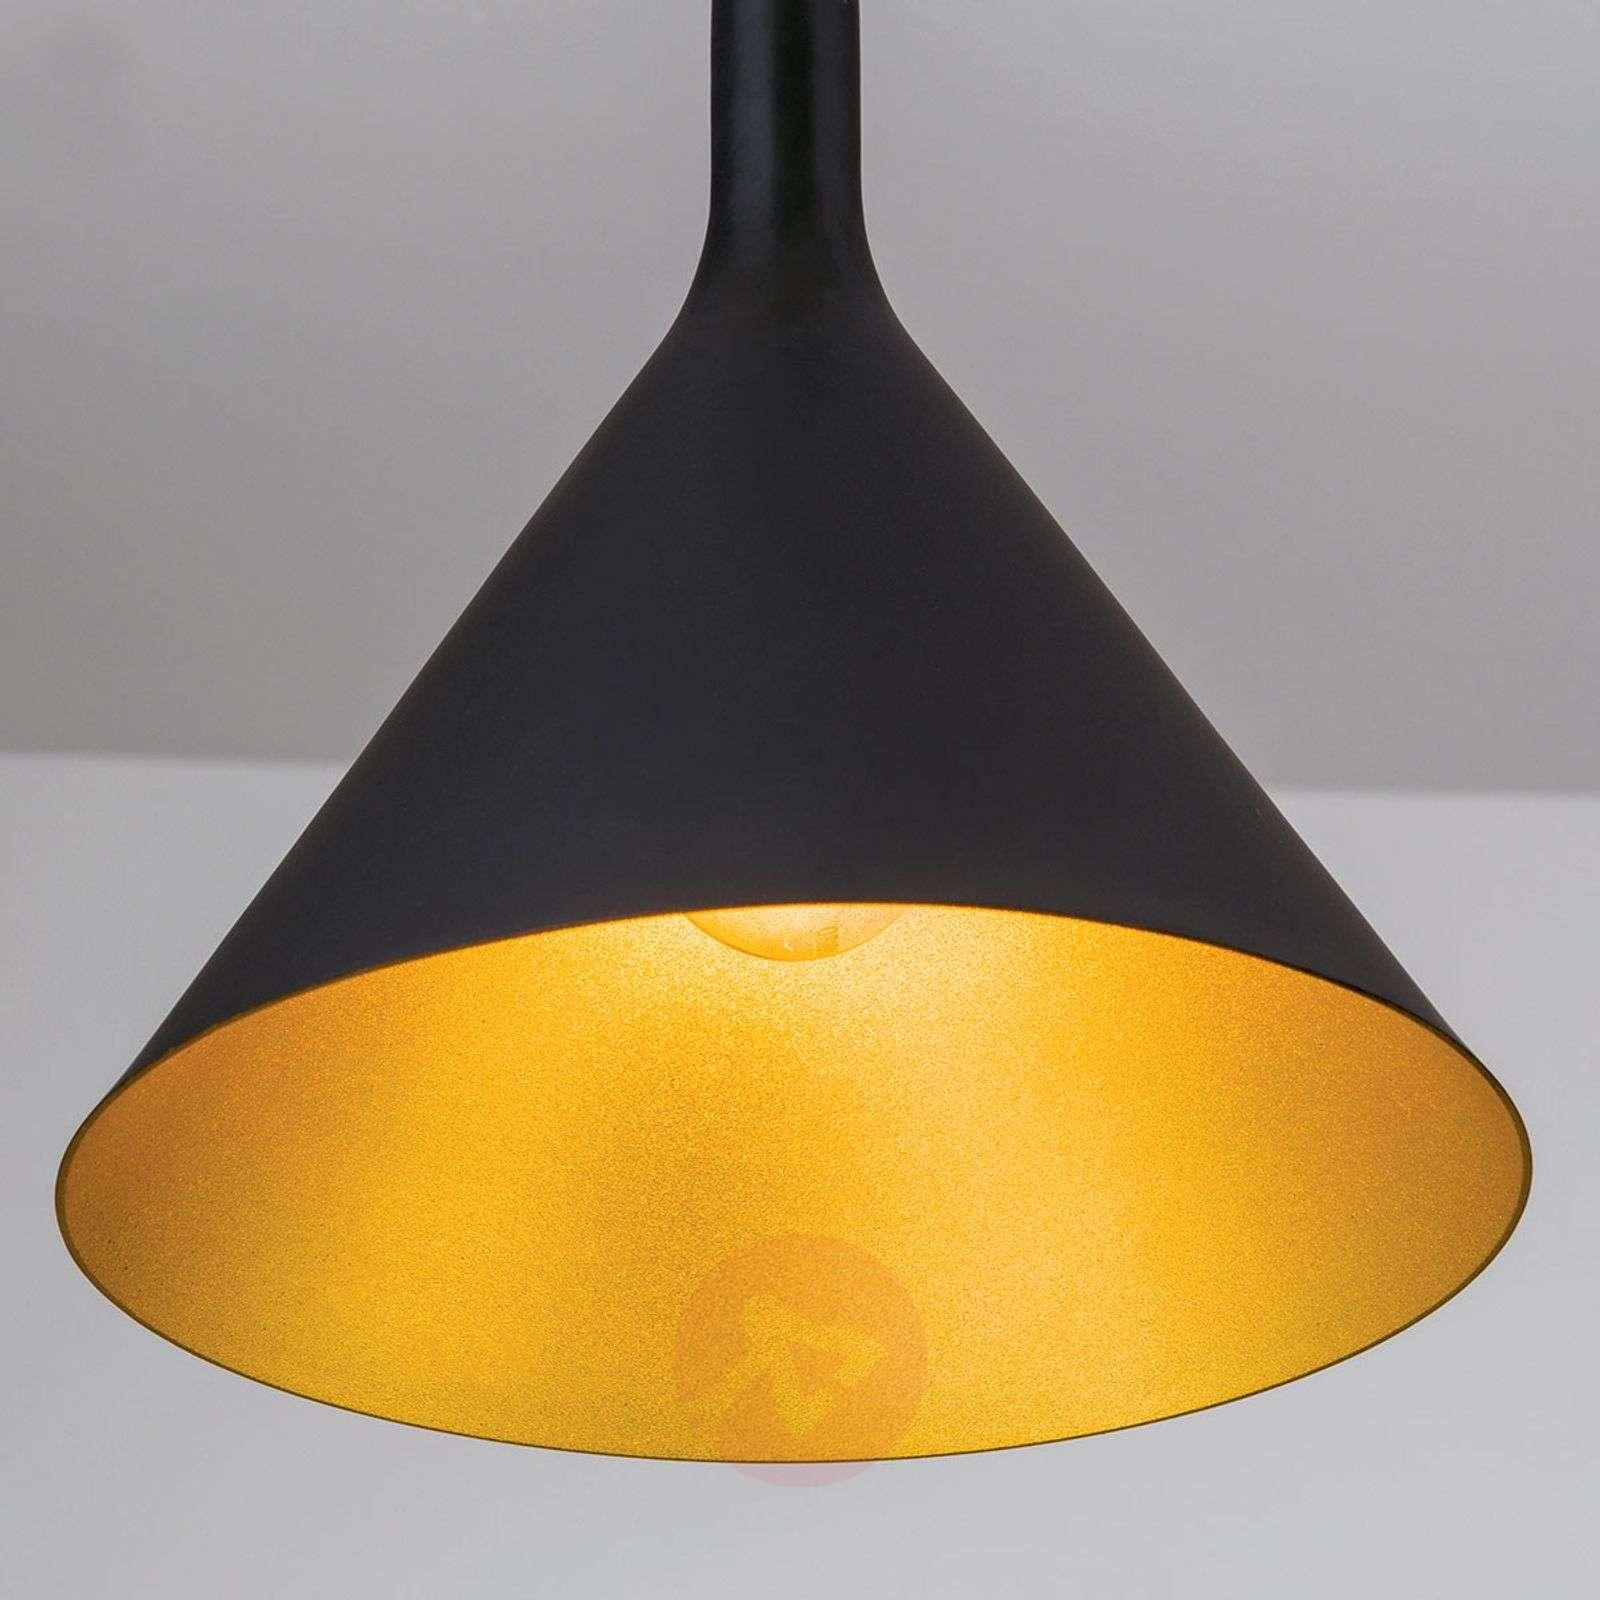 Gunda-riippuvalaisin ulkoa musta, sisältä kulta-7255355-01